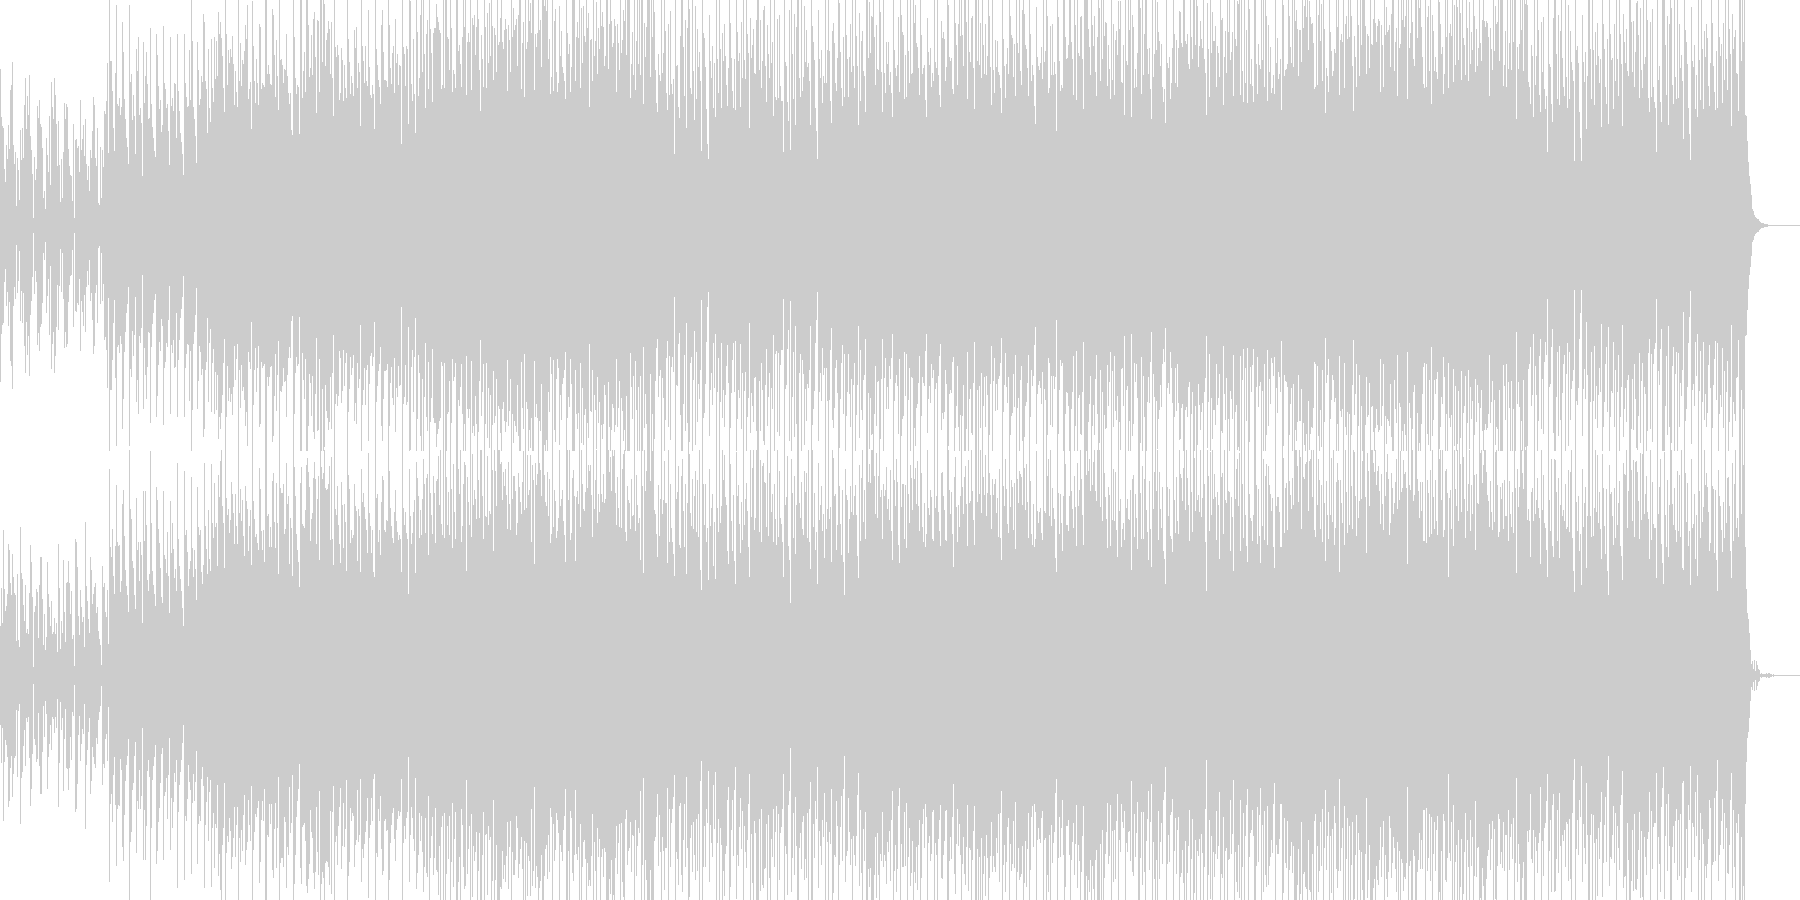 かっこいいリズムのEDMの未再生の波形